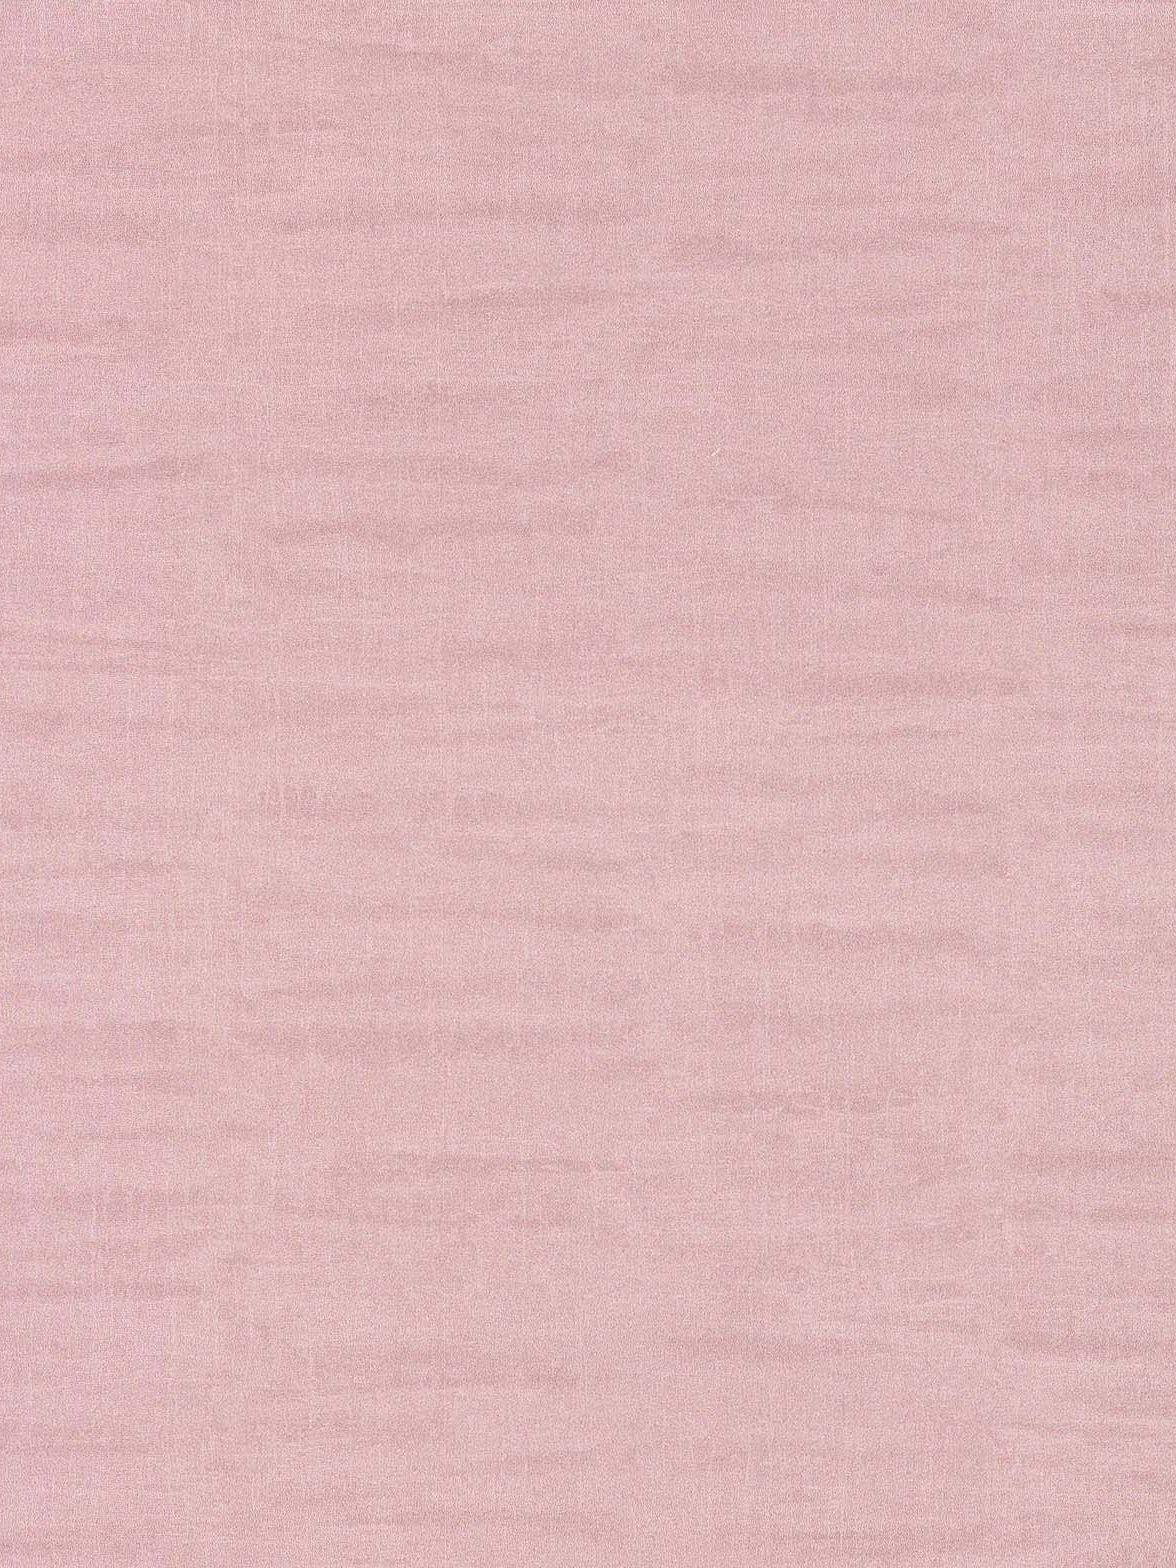 Galerie Galerie Skaninavia Linen Wallpaper